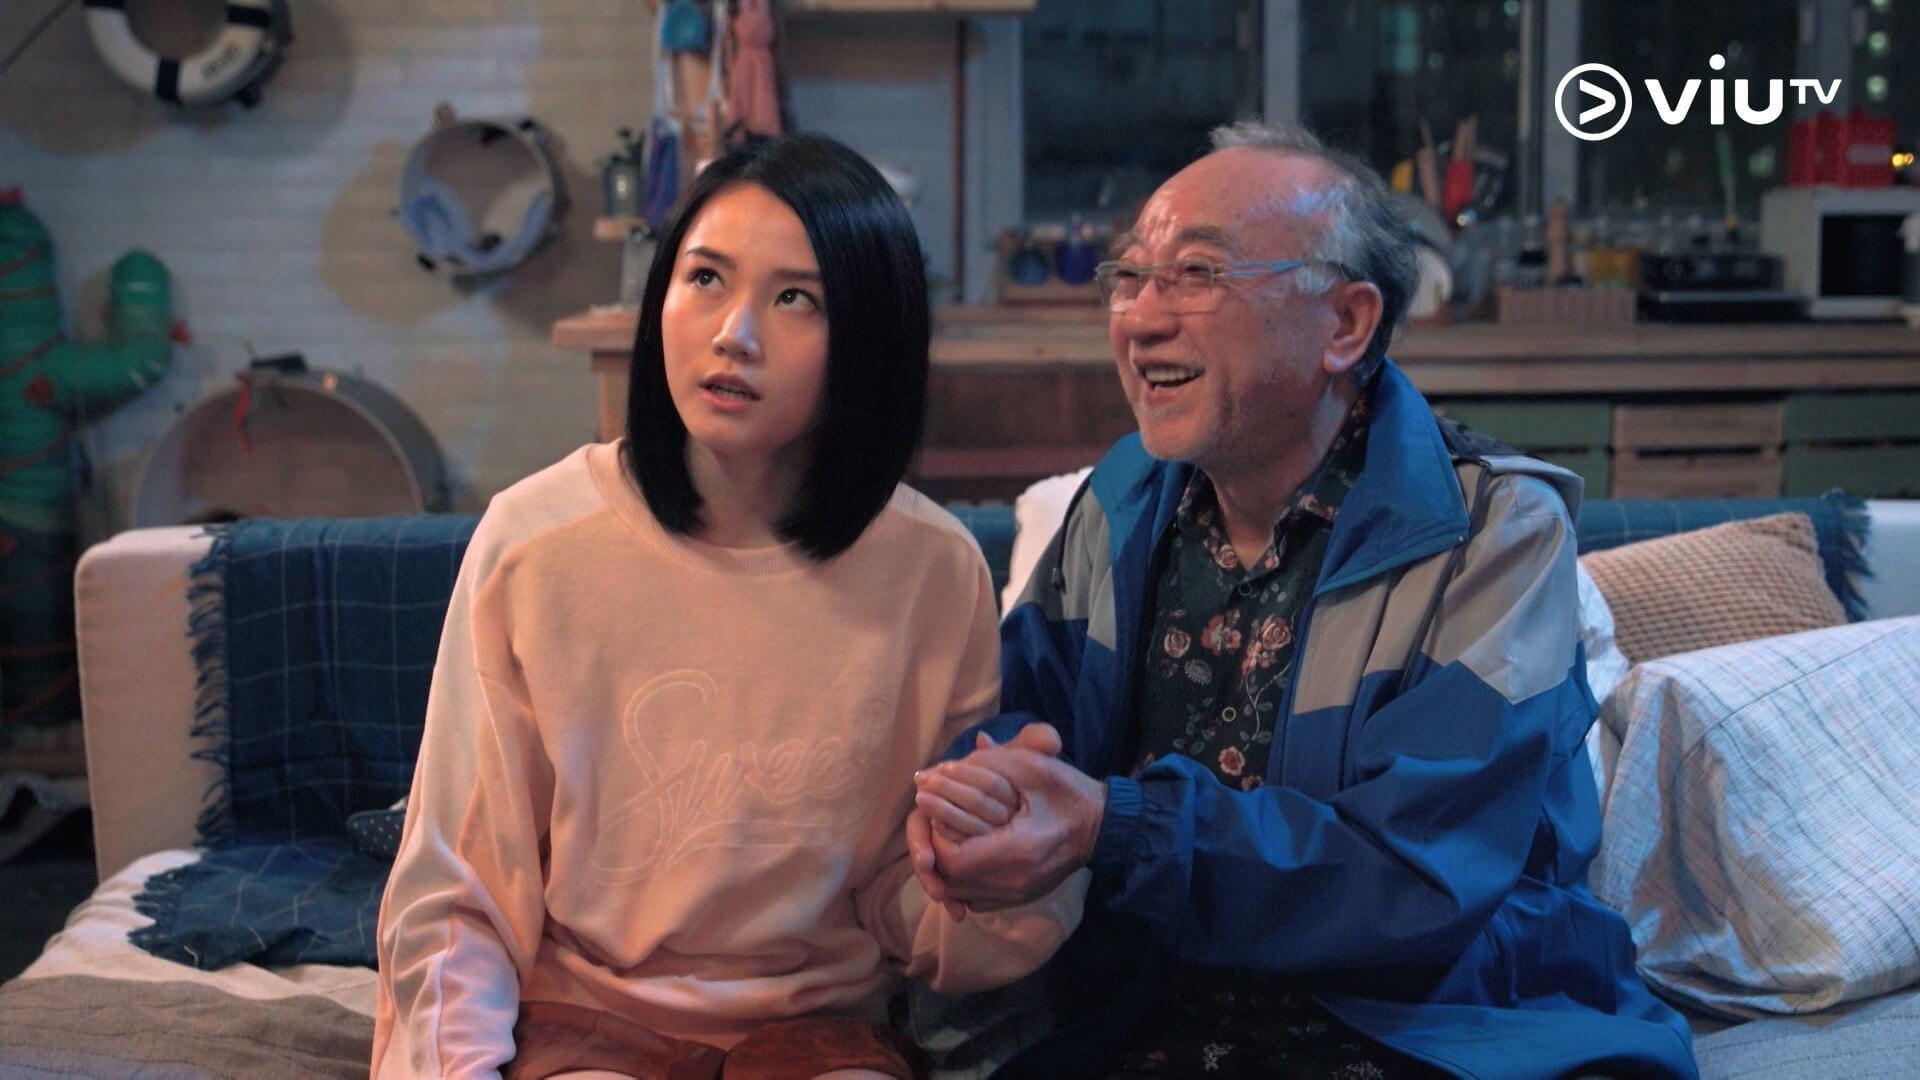 劇中游學修和盧海鵬經常因兩代矛盾而發生衝突,Yanny擔任中間橋樑的角色。